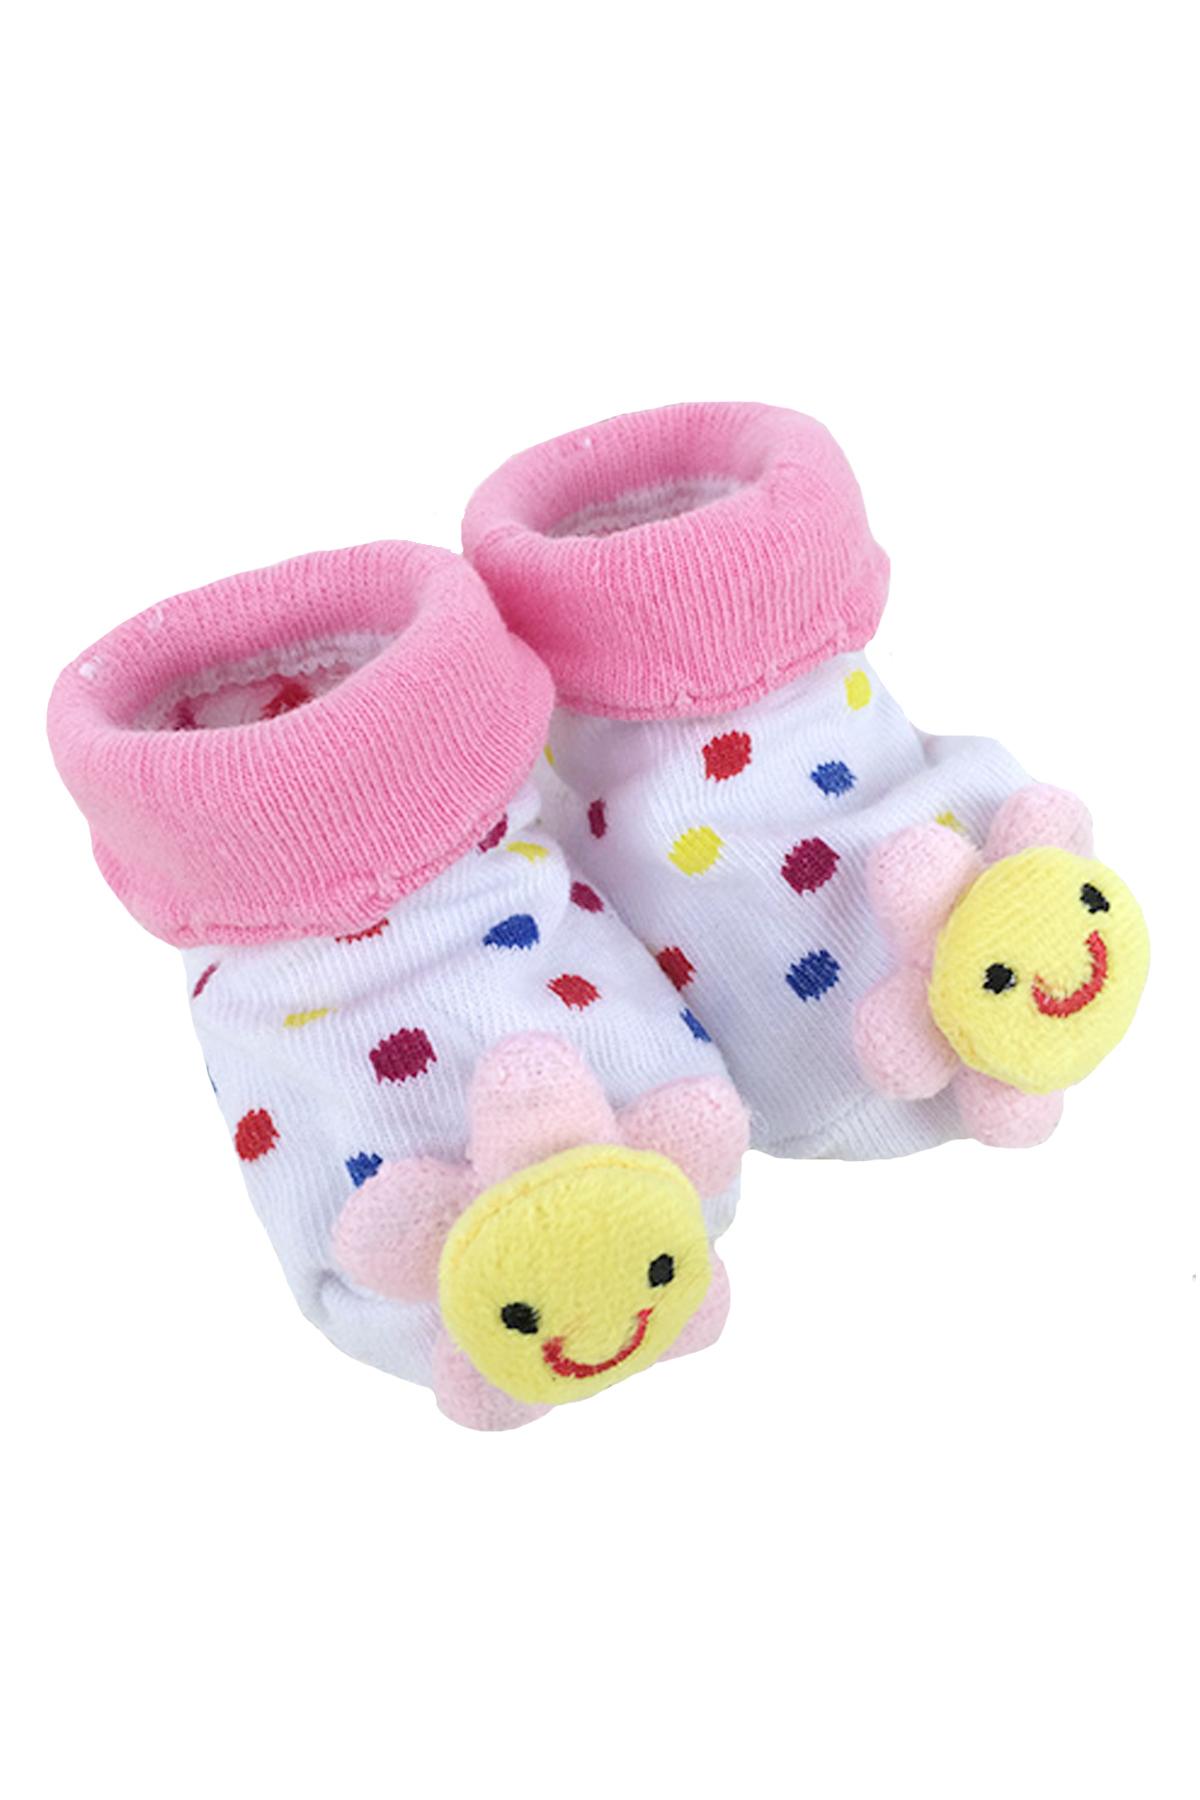 3D Sunflower Anti slip Baby Socks end 6 7 2020 11 30 AM